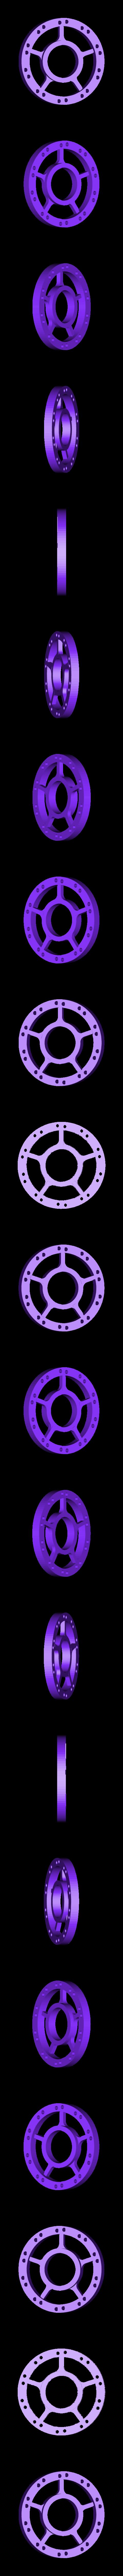 rear_rotor.stl Télécharger fichier STL gratuit 2016 Ducati Draxter Concept Drag Bike RC • Design à imprimer en 3D, brett